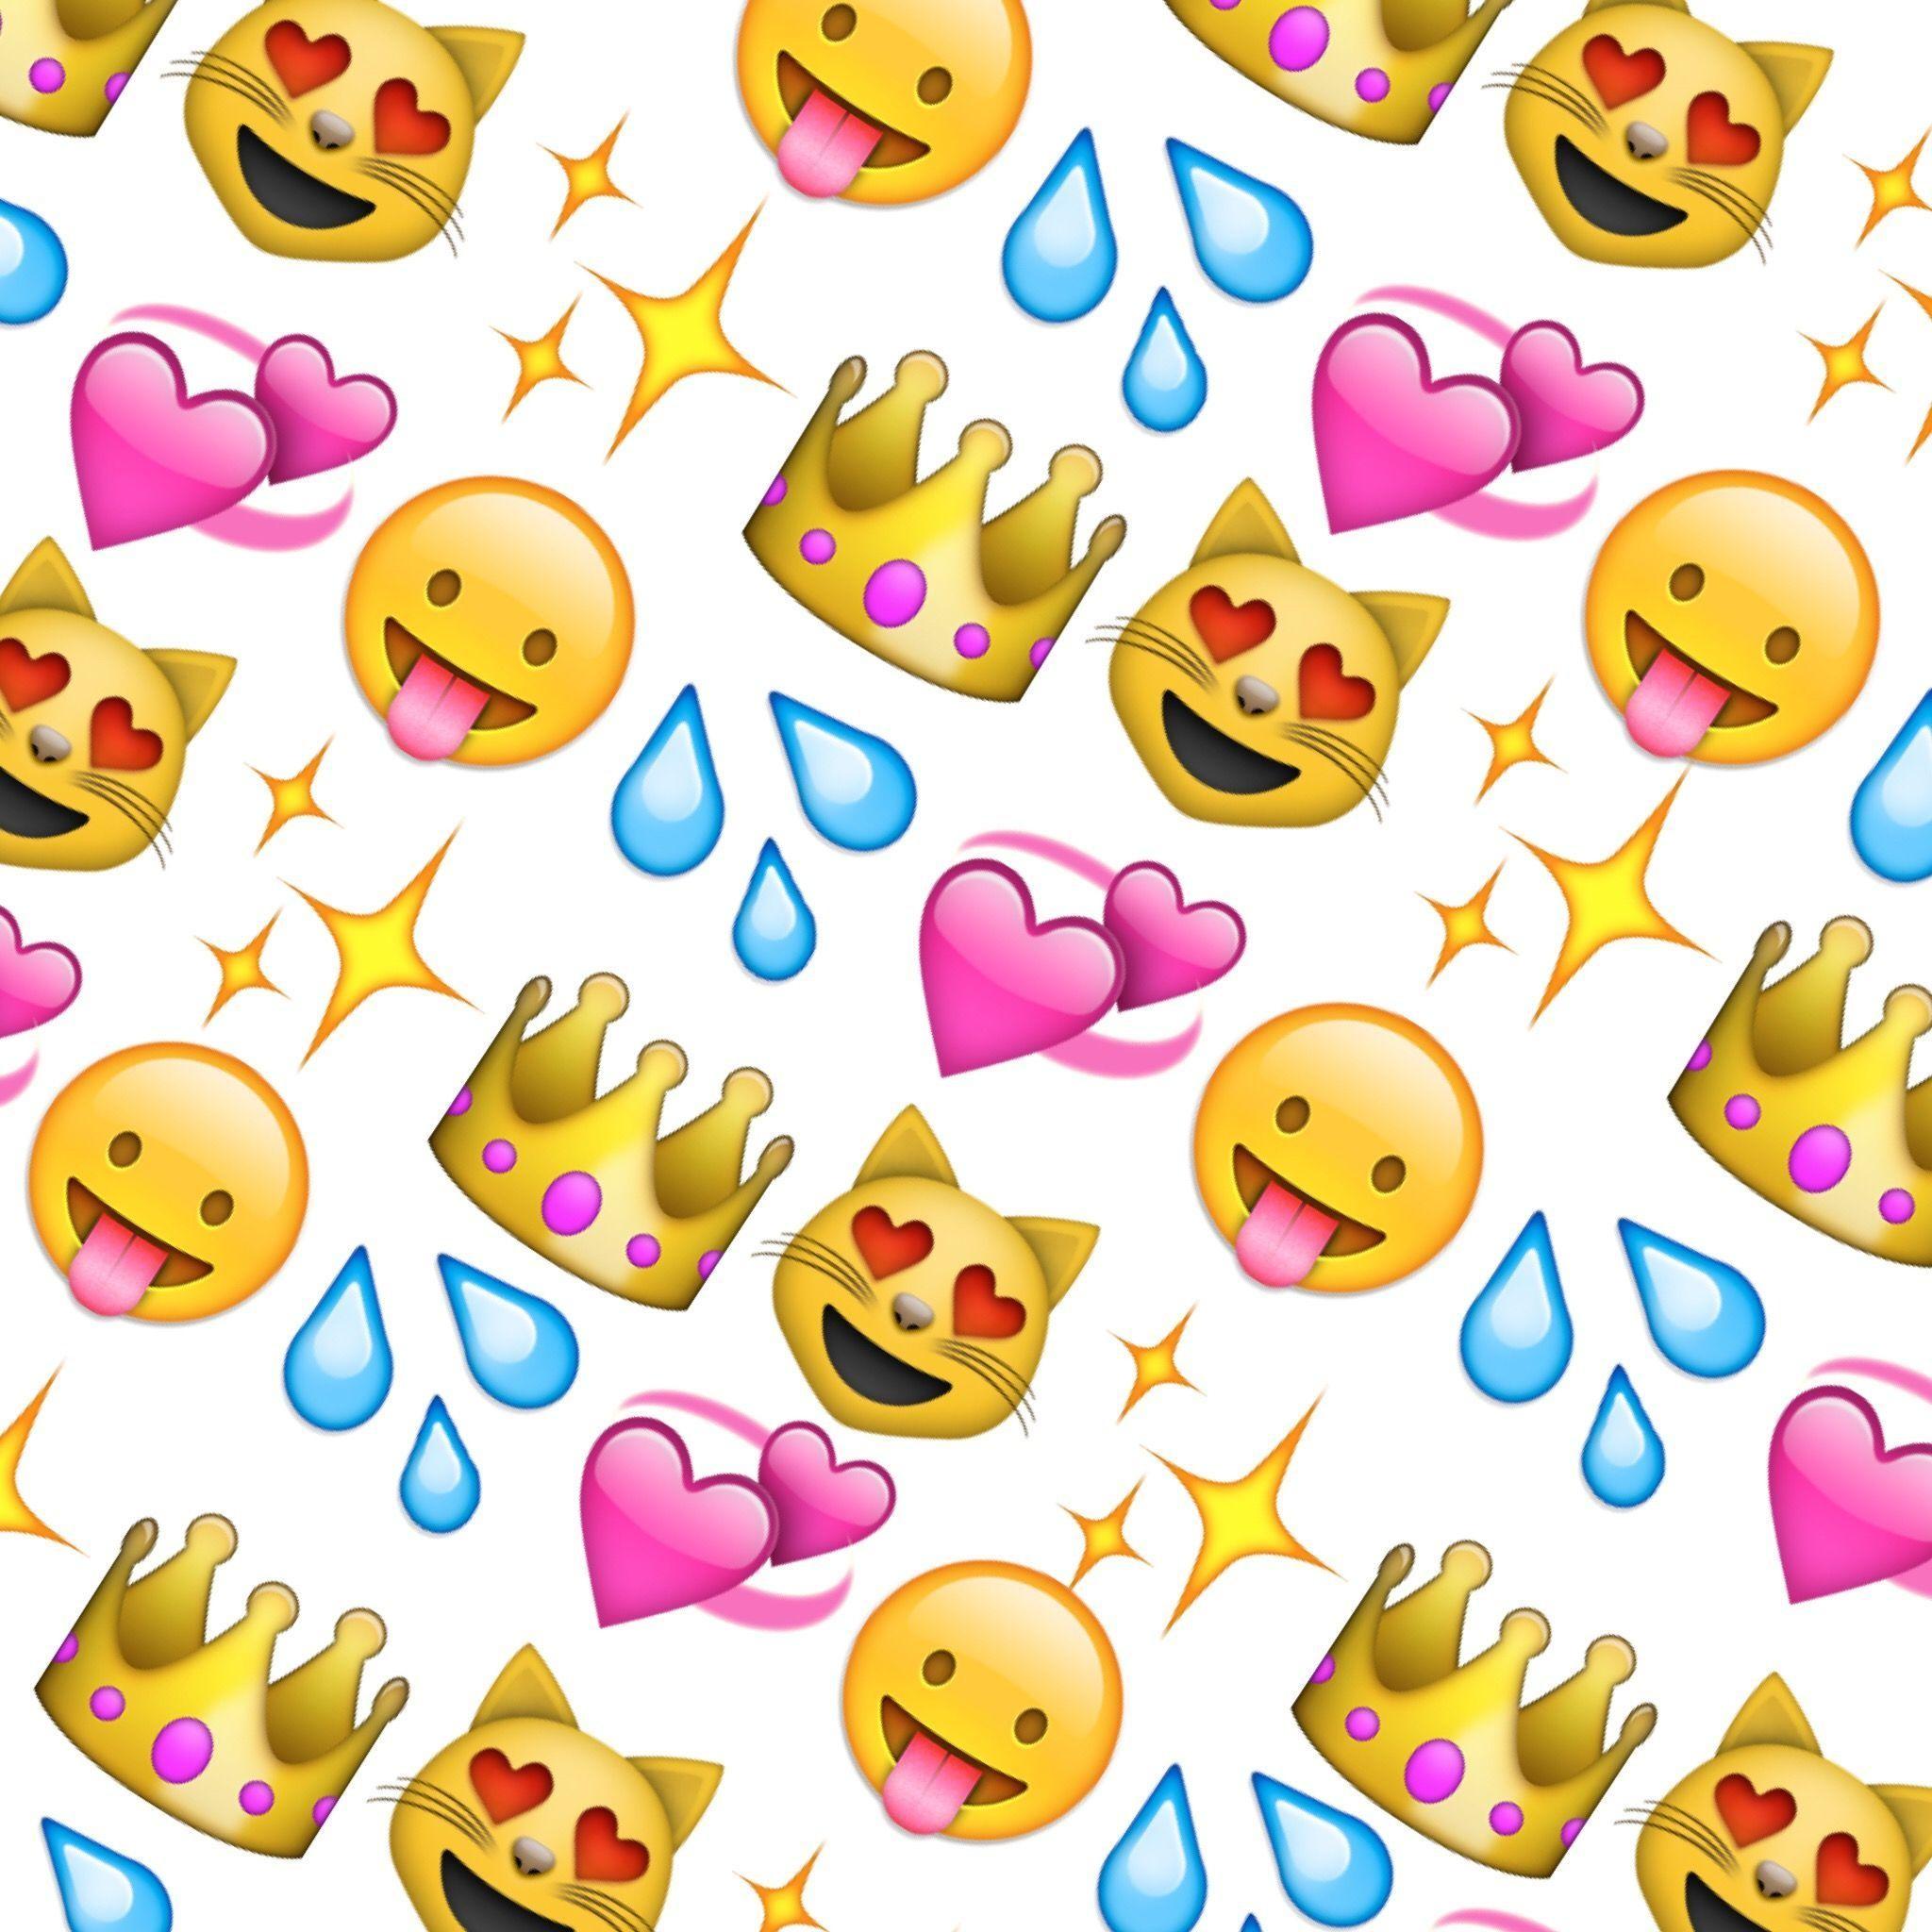 2048x2048 Queen emoji | Emoji wallpapers | Pinterest | Wallpapers and Queen